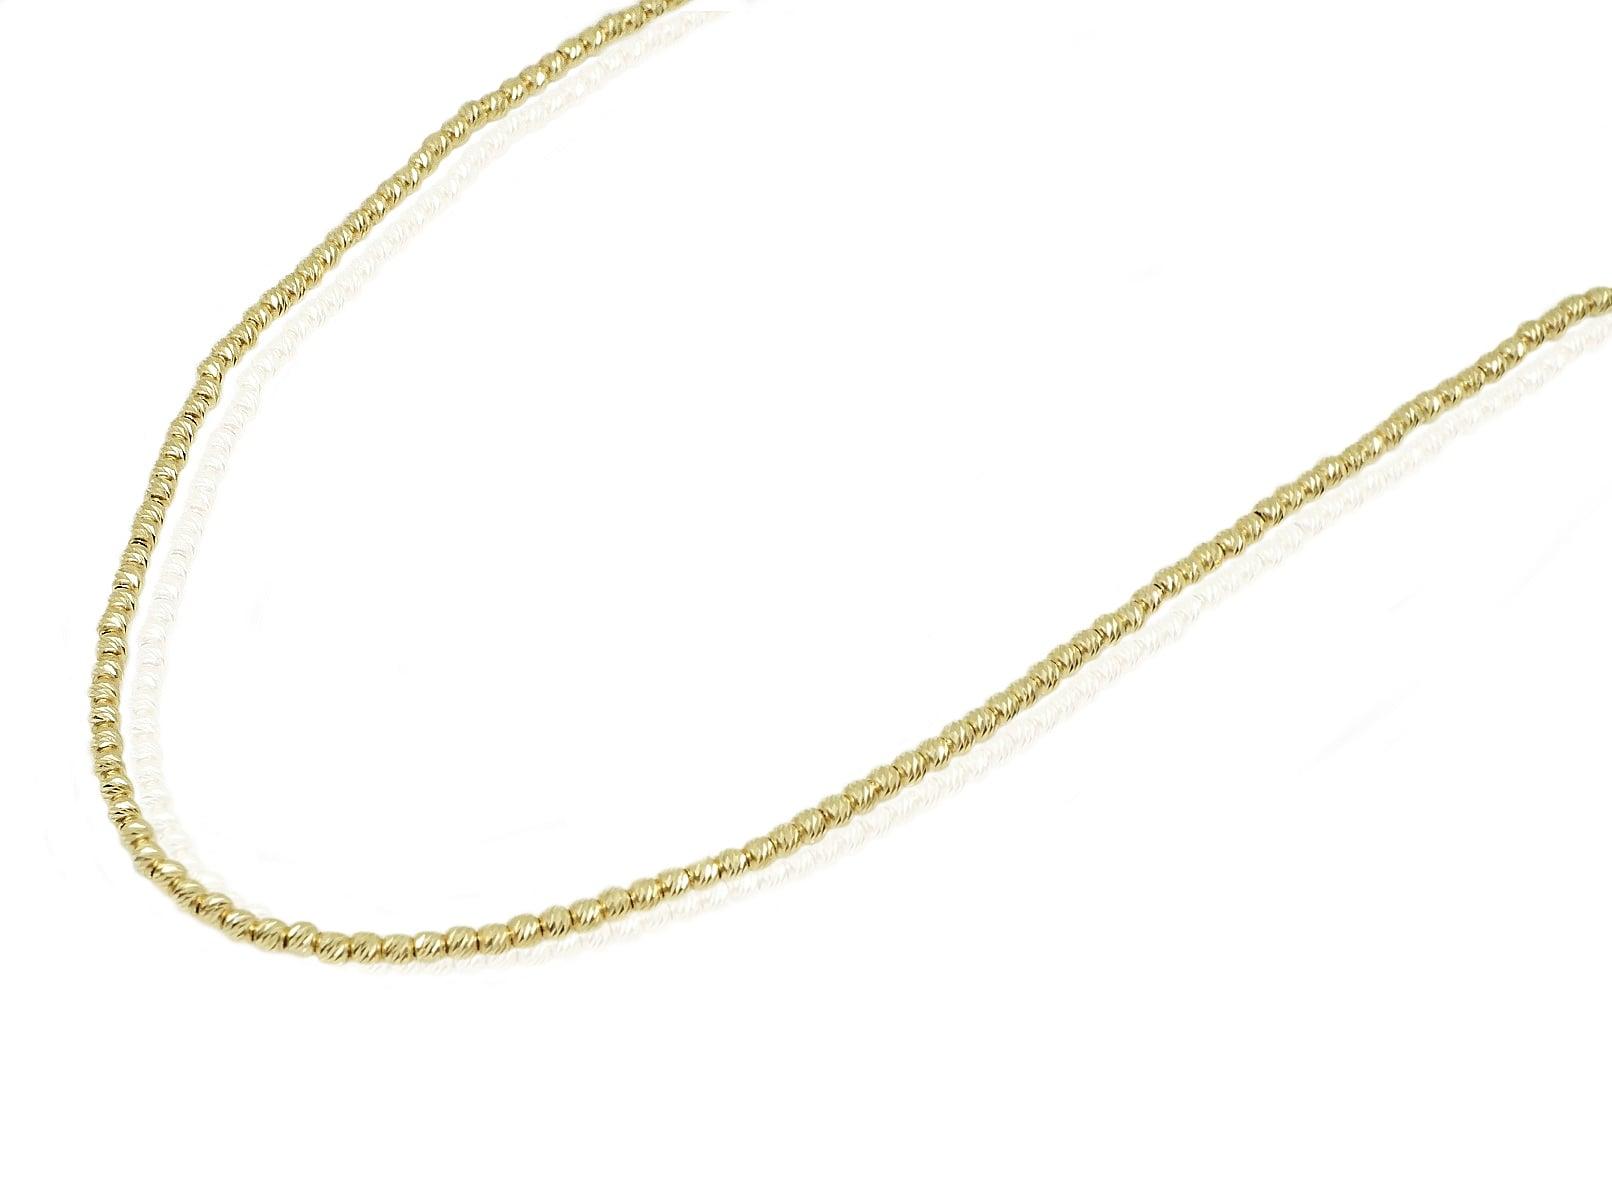 """שרשרת כדורים זהב 42 ס""""מ שרשרת זהב כדורים לאישה"""